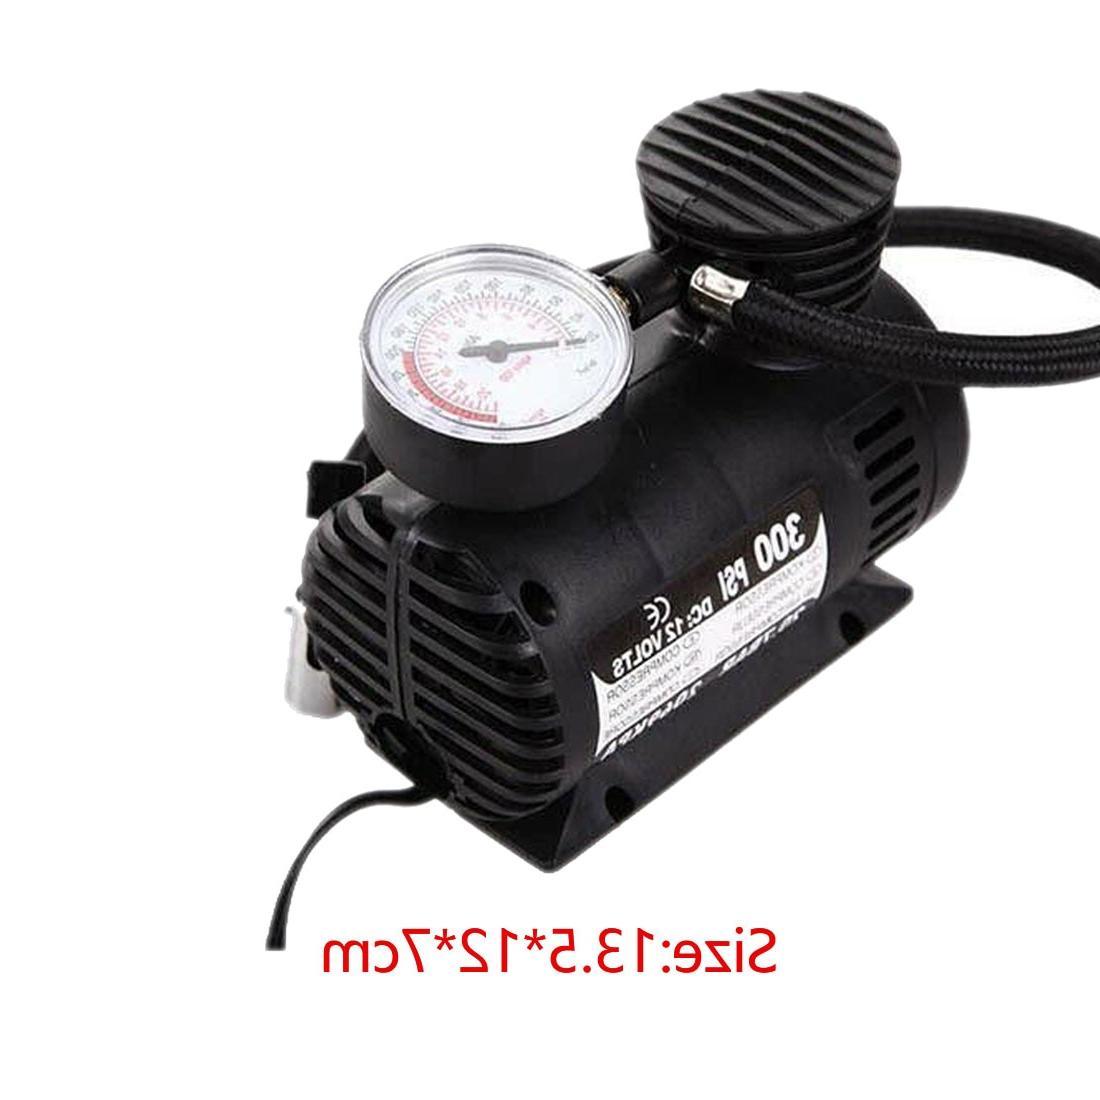 Vehicle <font><b>Mini</b></font> <font><b>Air</b></font> 300 PSI Tire Inflator Pump 12V Universal